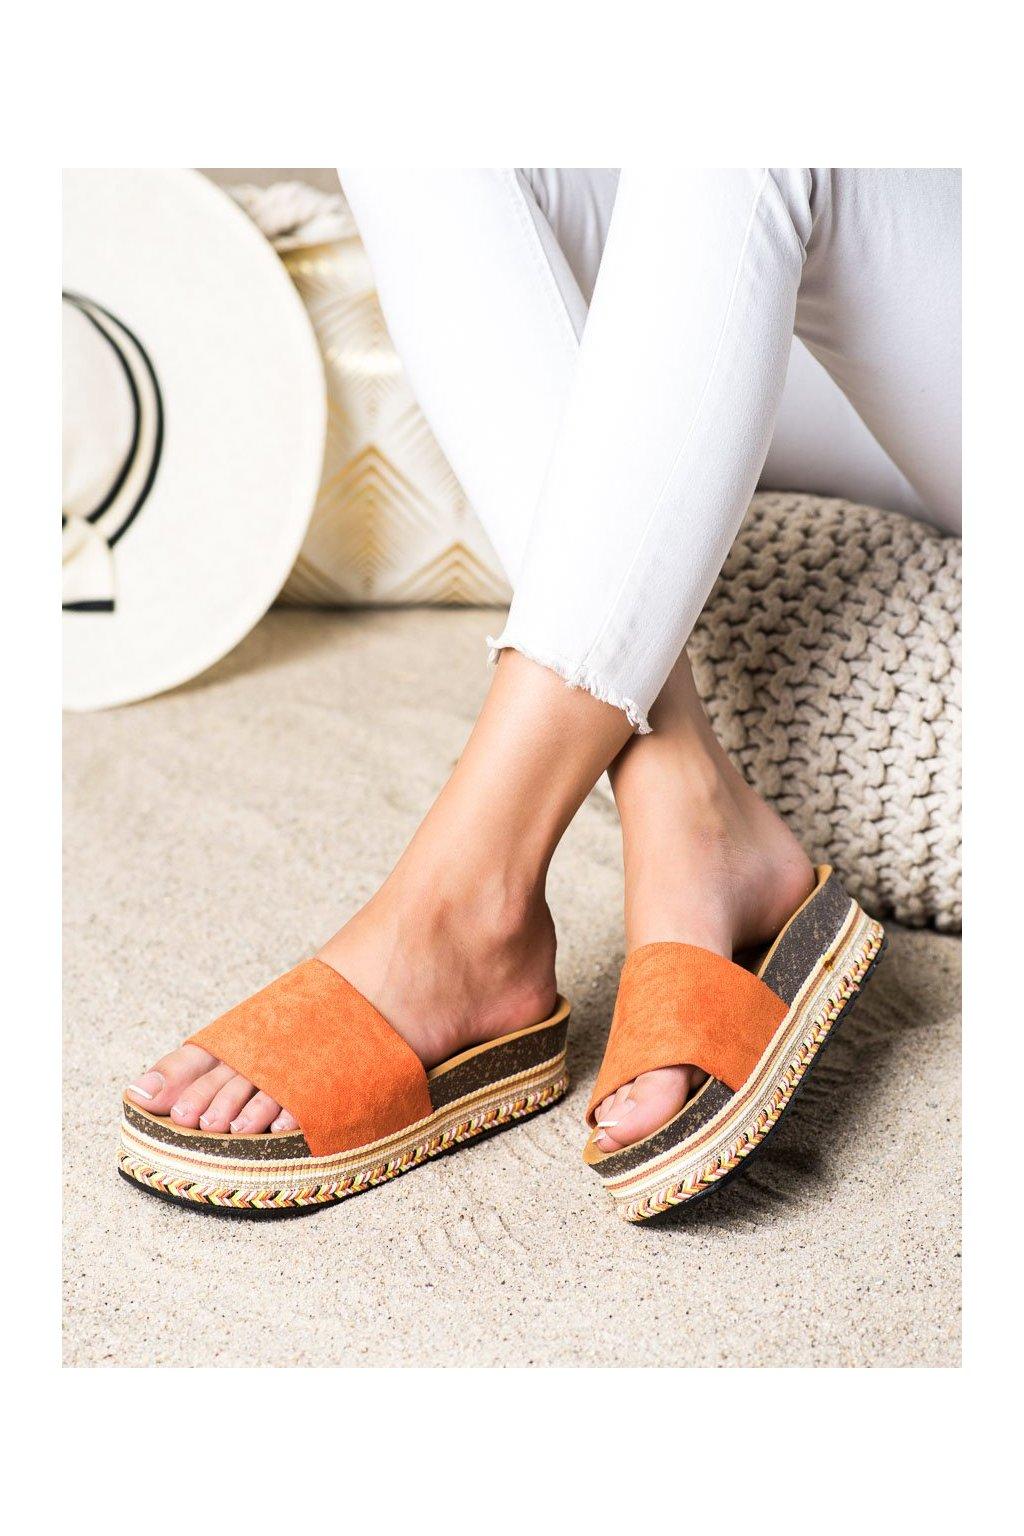 Oranžové dámske šľapky Shelovet kod LS015OR